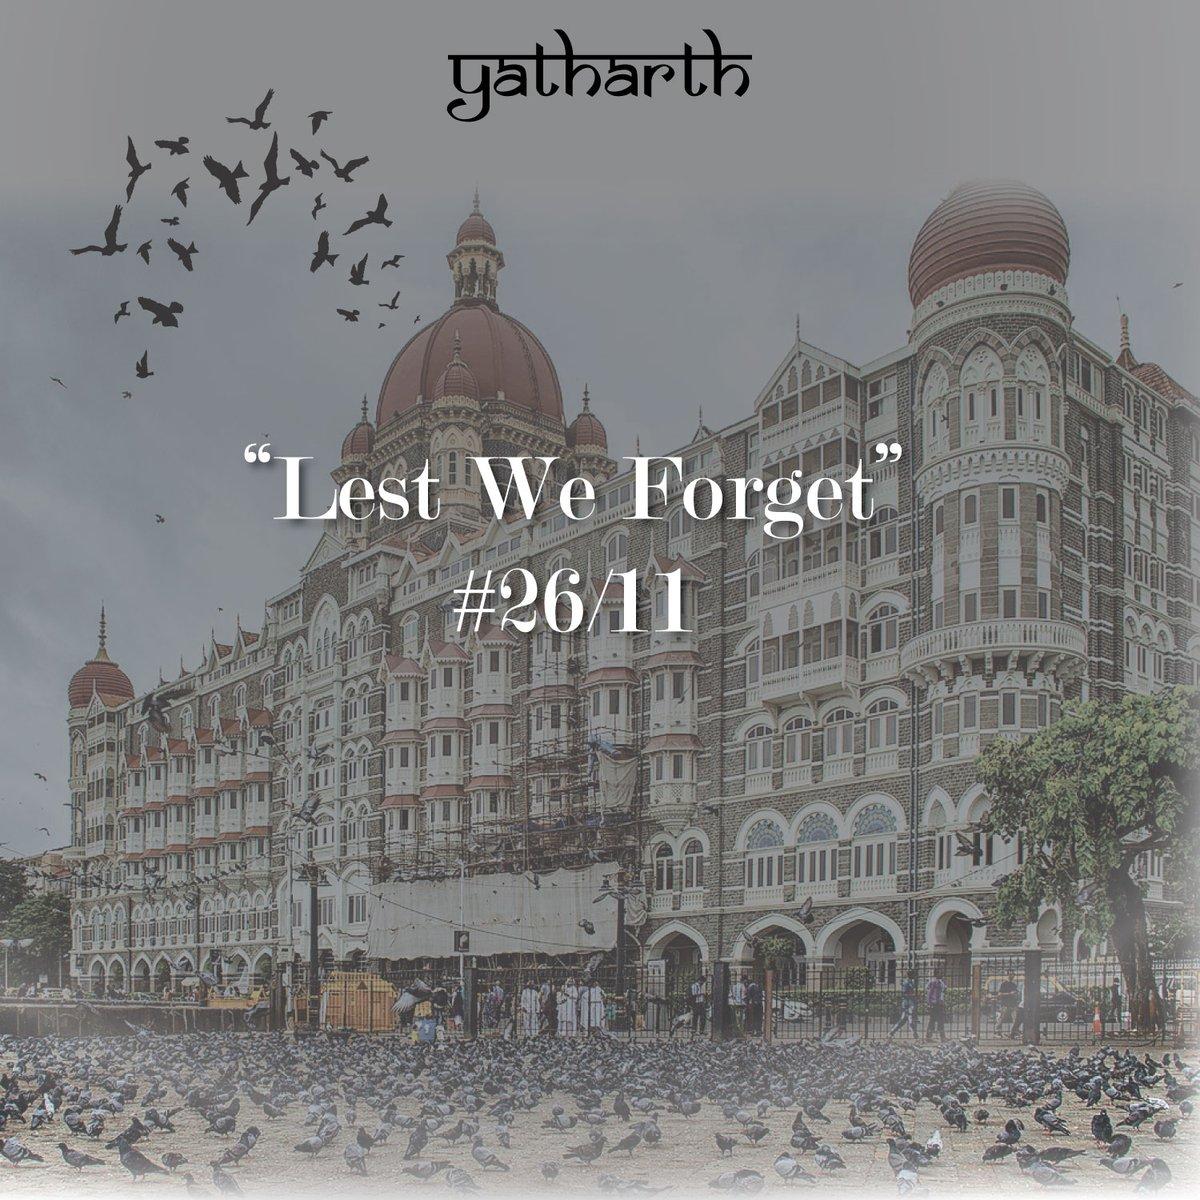 #LestWeForget   #MumbaiTerrorAttack